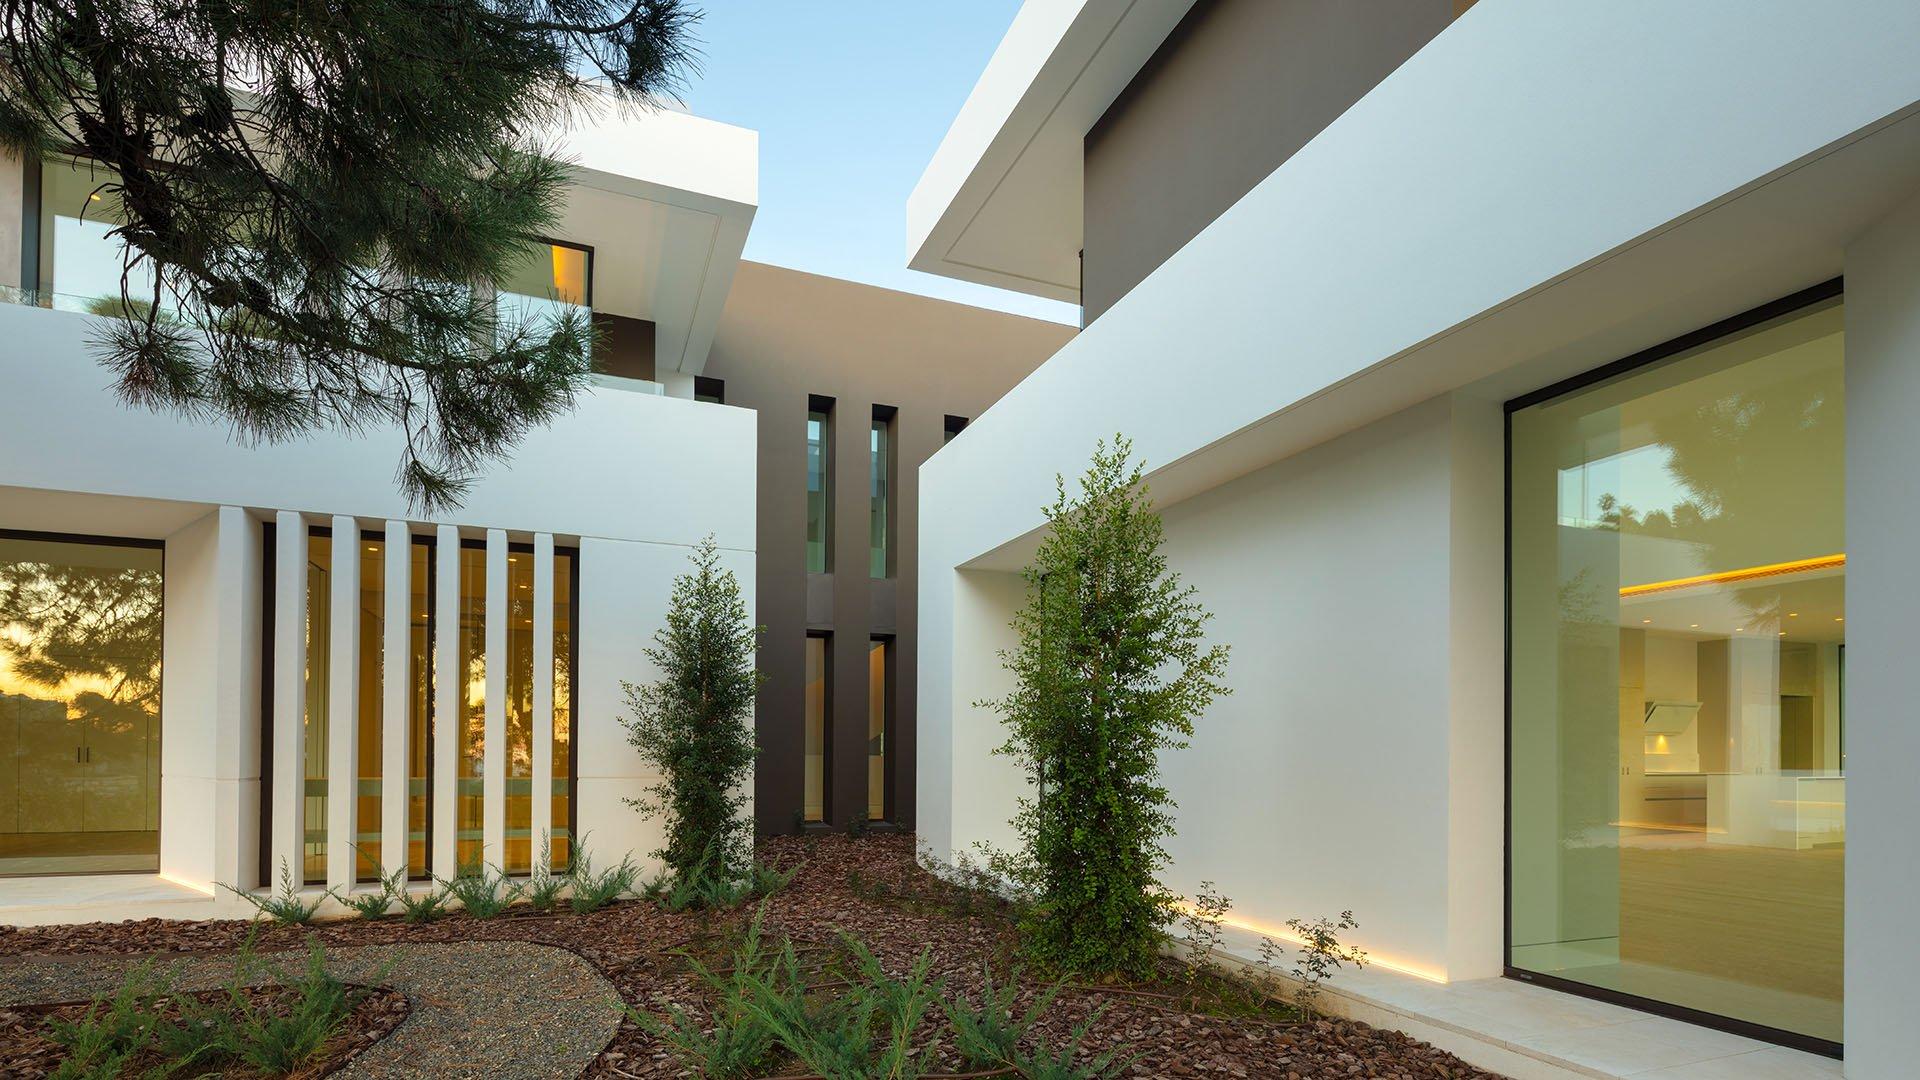 El Bosque: Moderne villa's in een exclusieve gemeenschap te Benahavís